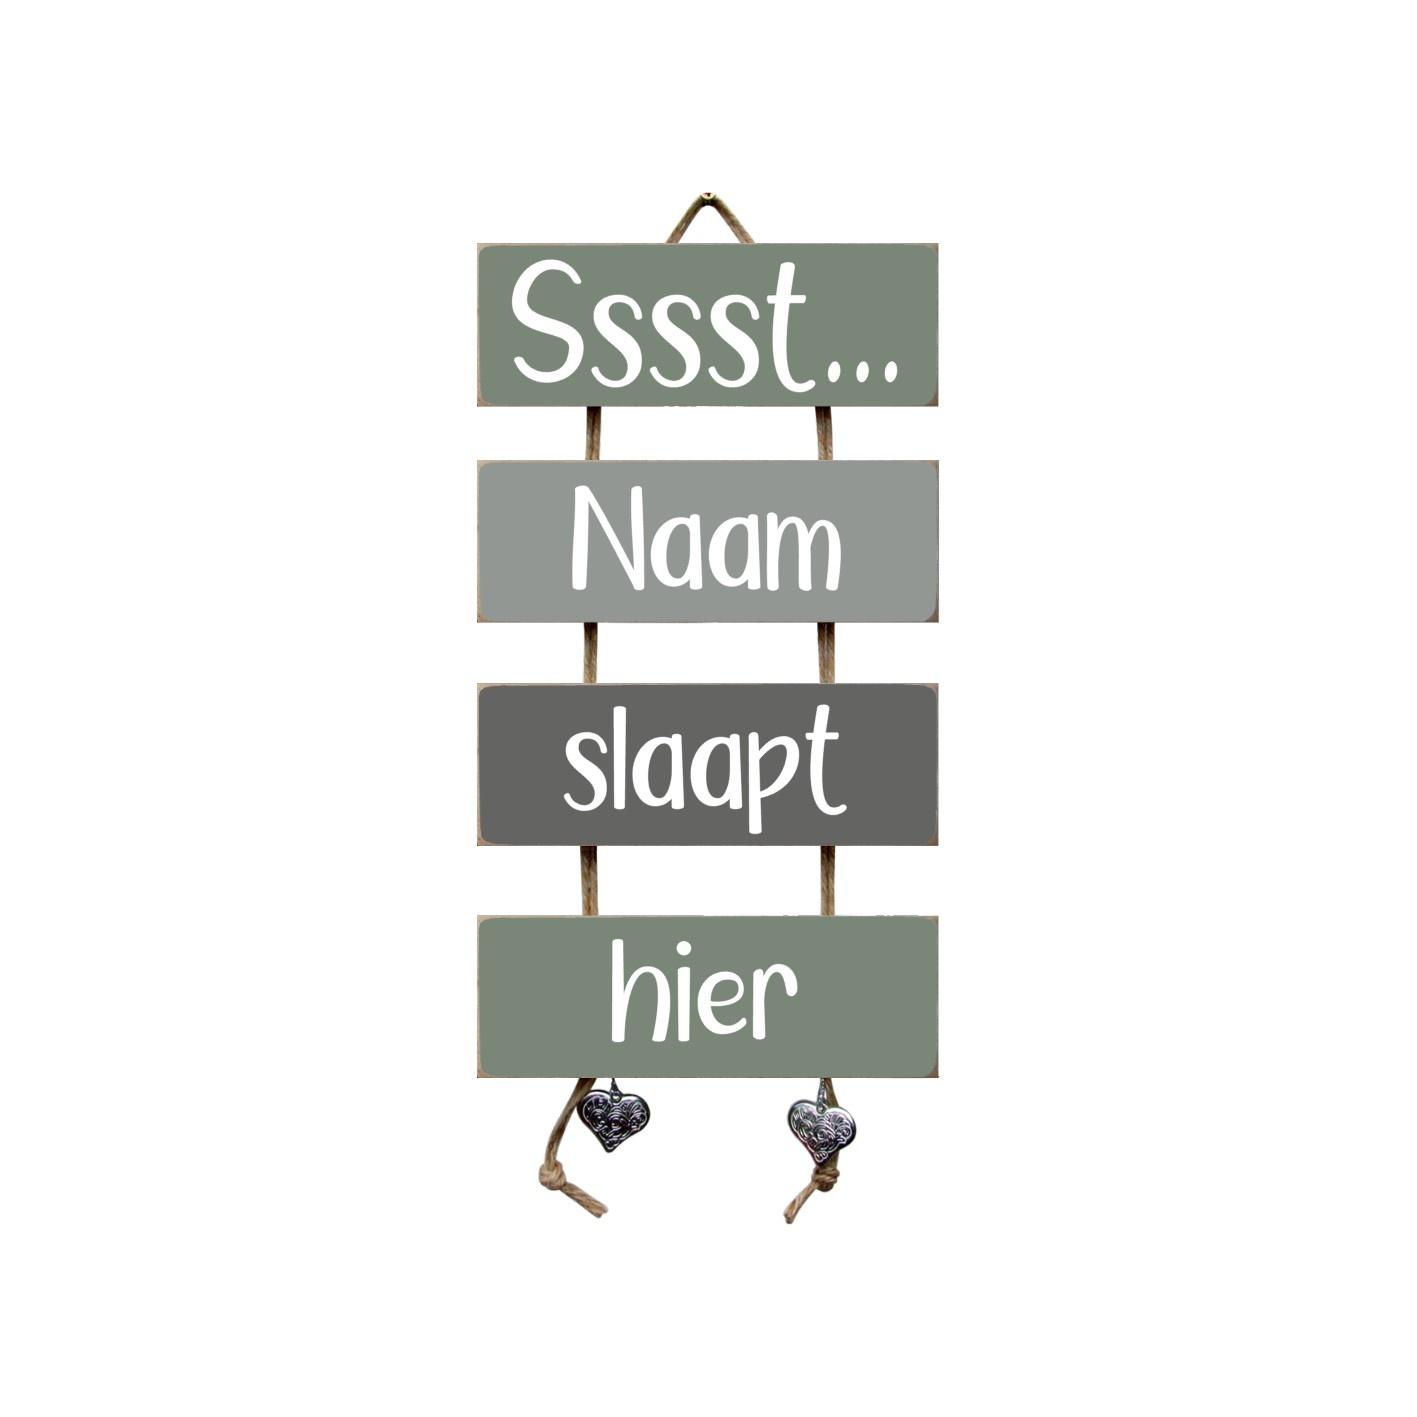 Tekstladder Leemgroen/grijs Ssst